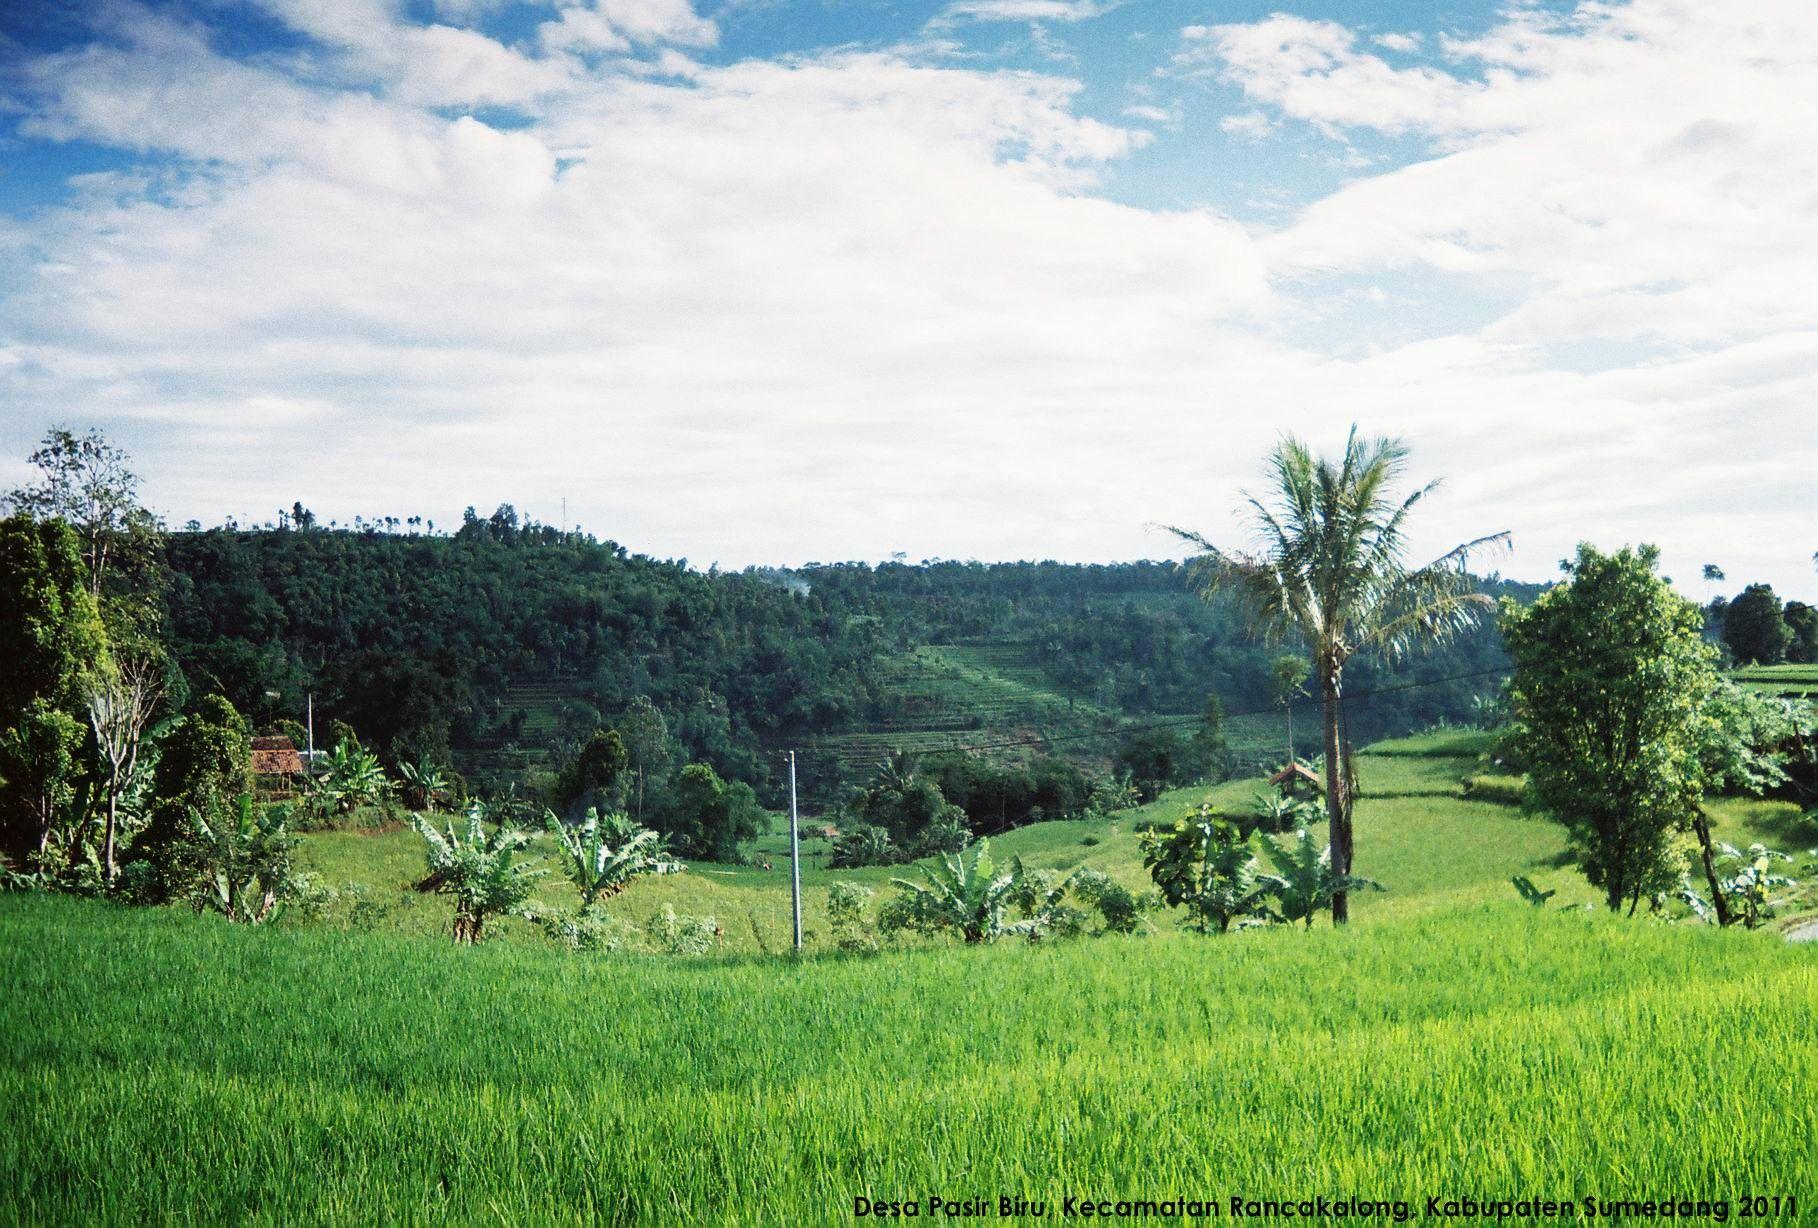 Pasirbiru, Sumedang, West Java, Indonesia Indonesia